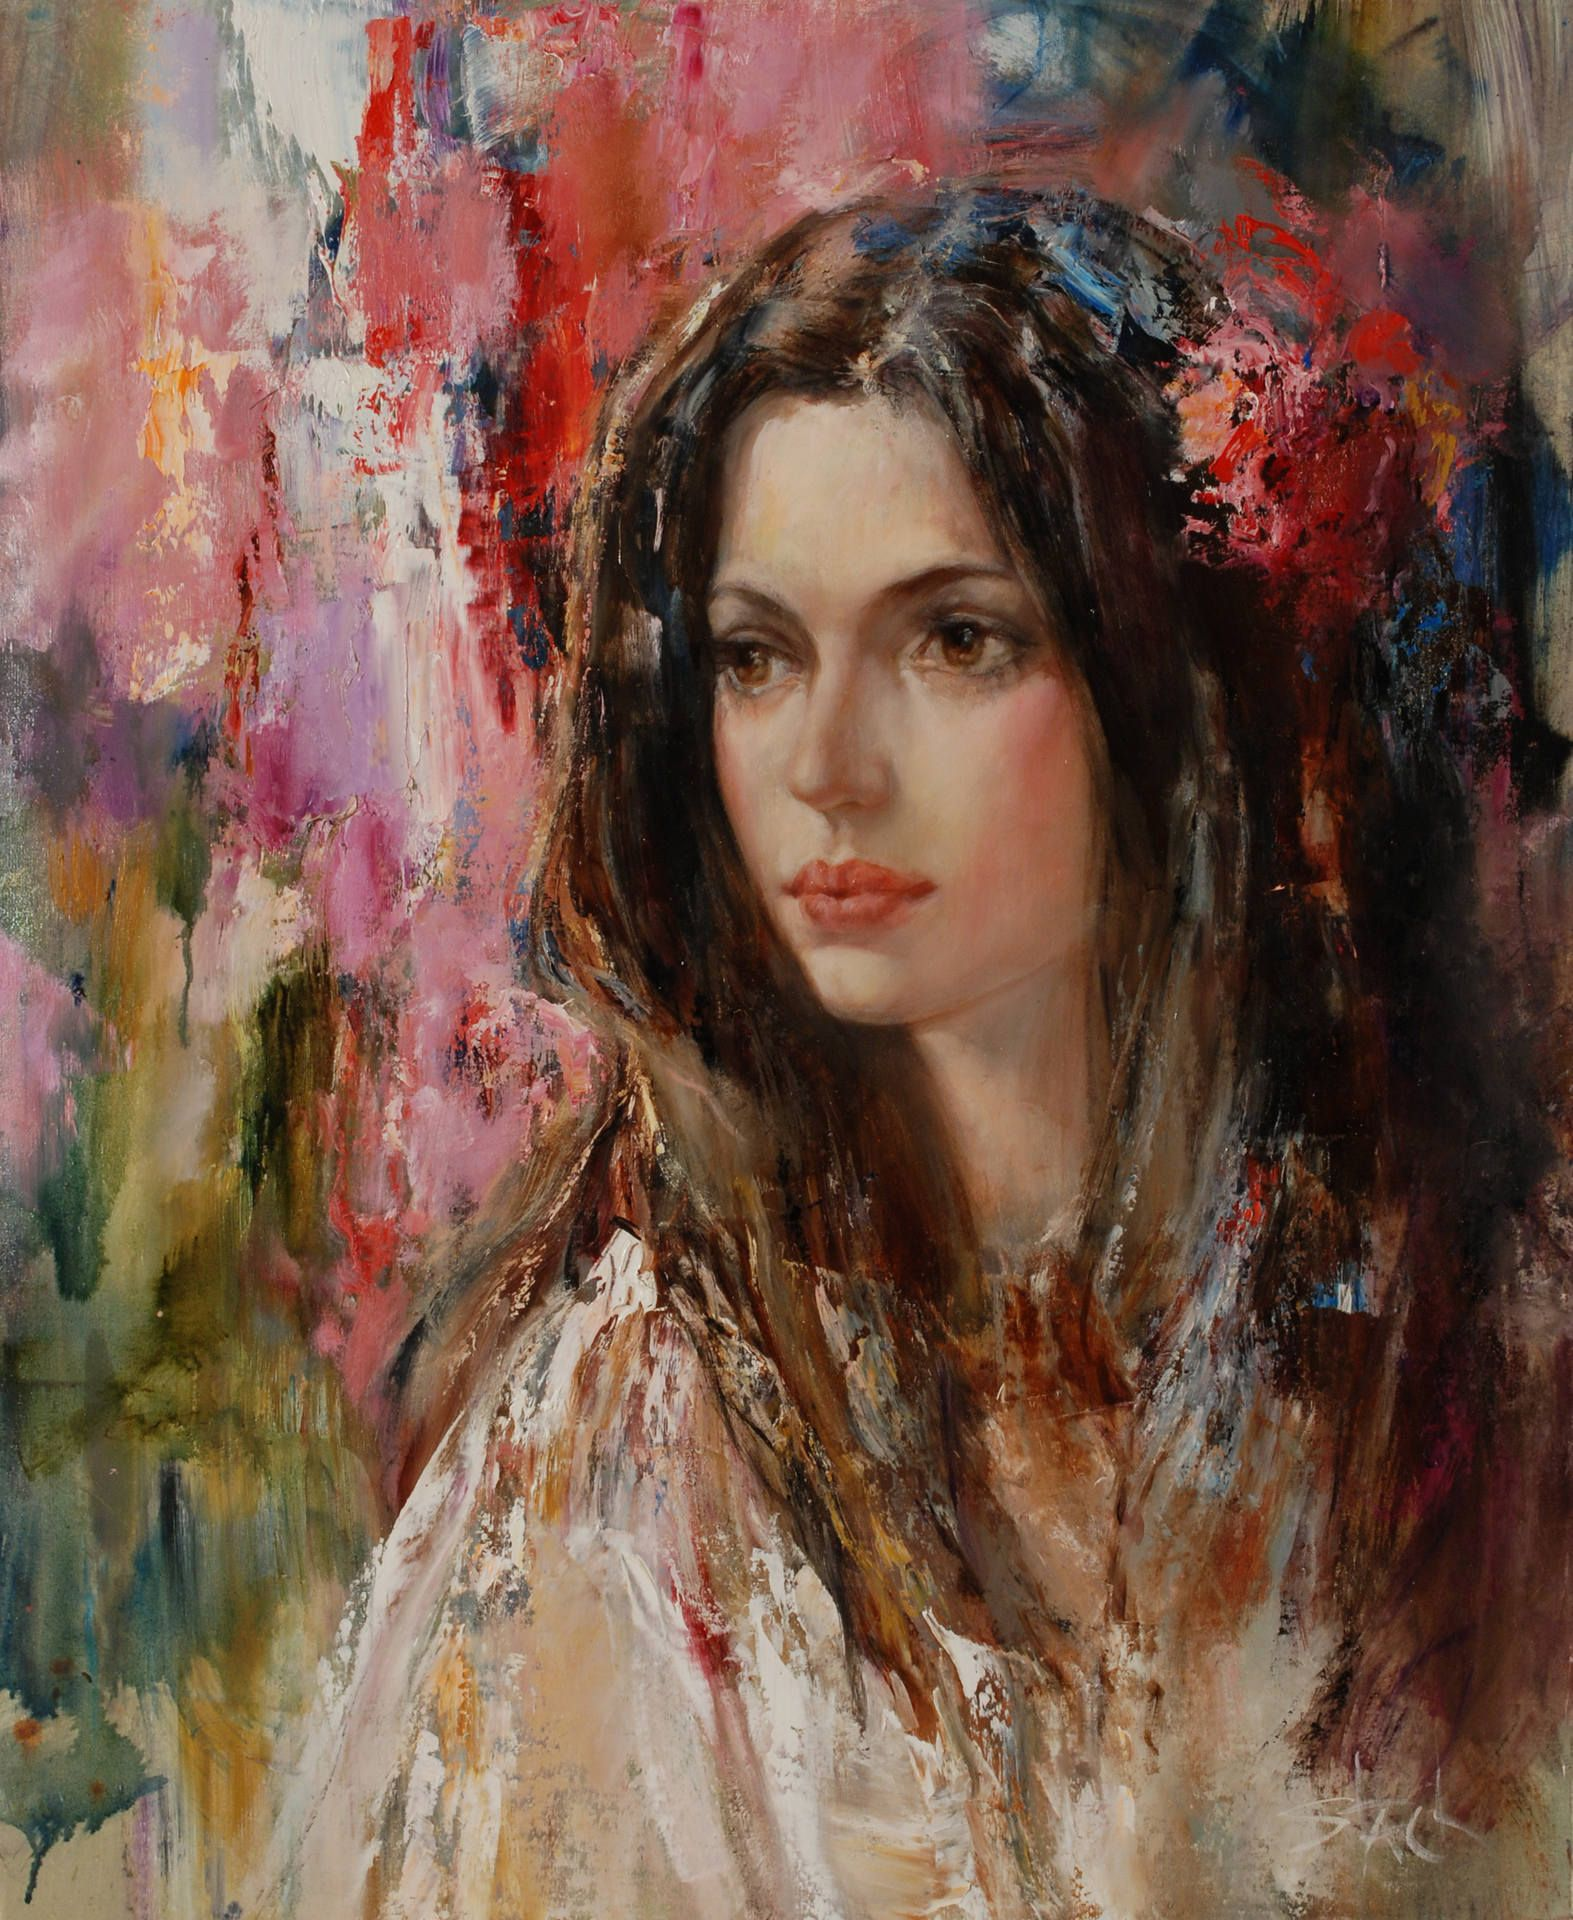 Beautiful Gypsy Woman Painting